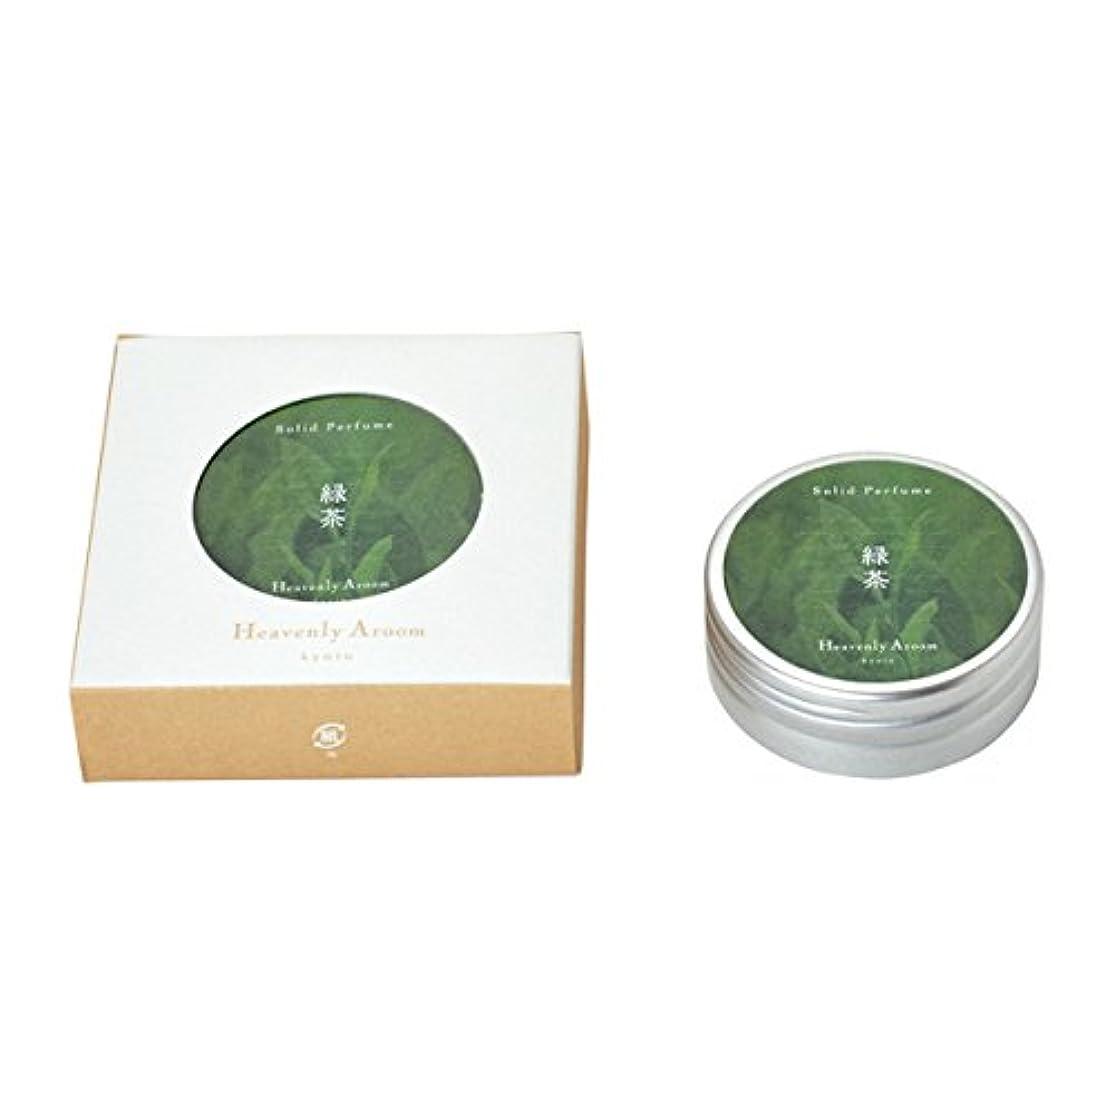 第広範囲目に見えるHeavenly Aroom ソリッドパフューム 緑茶 15g